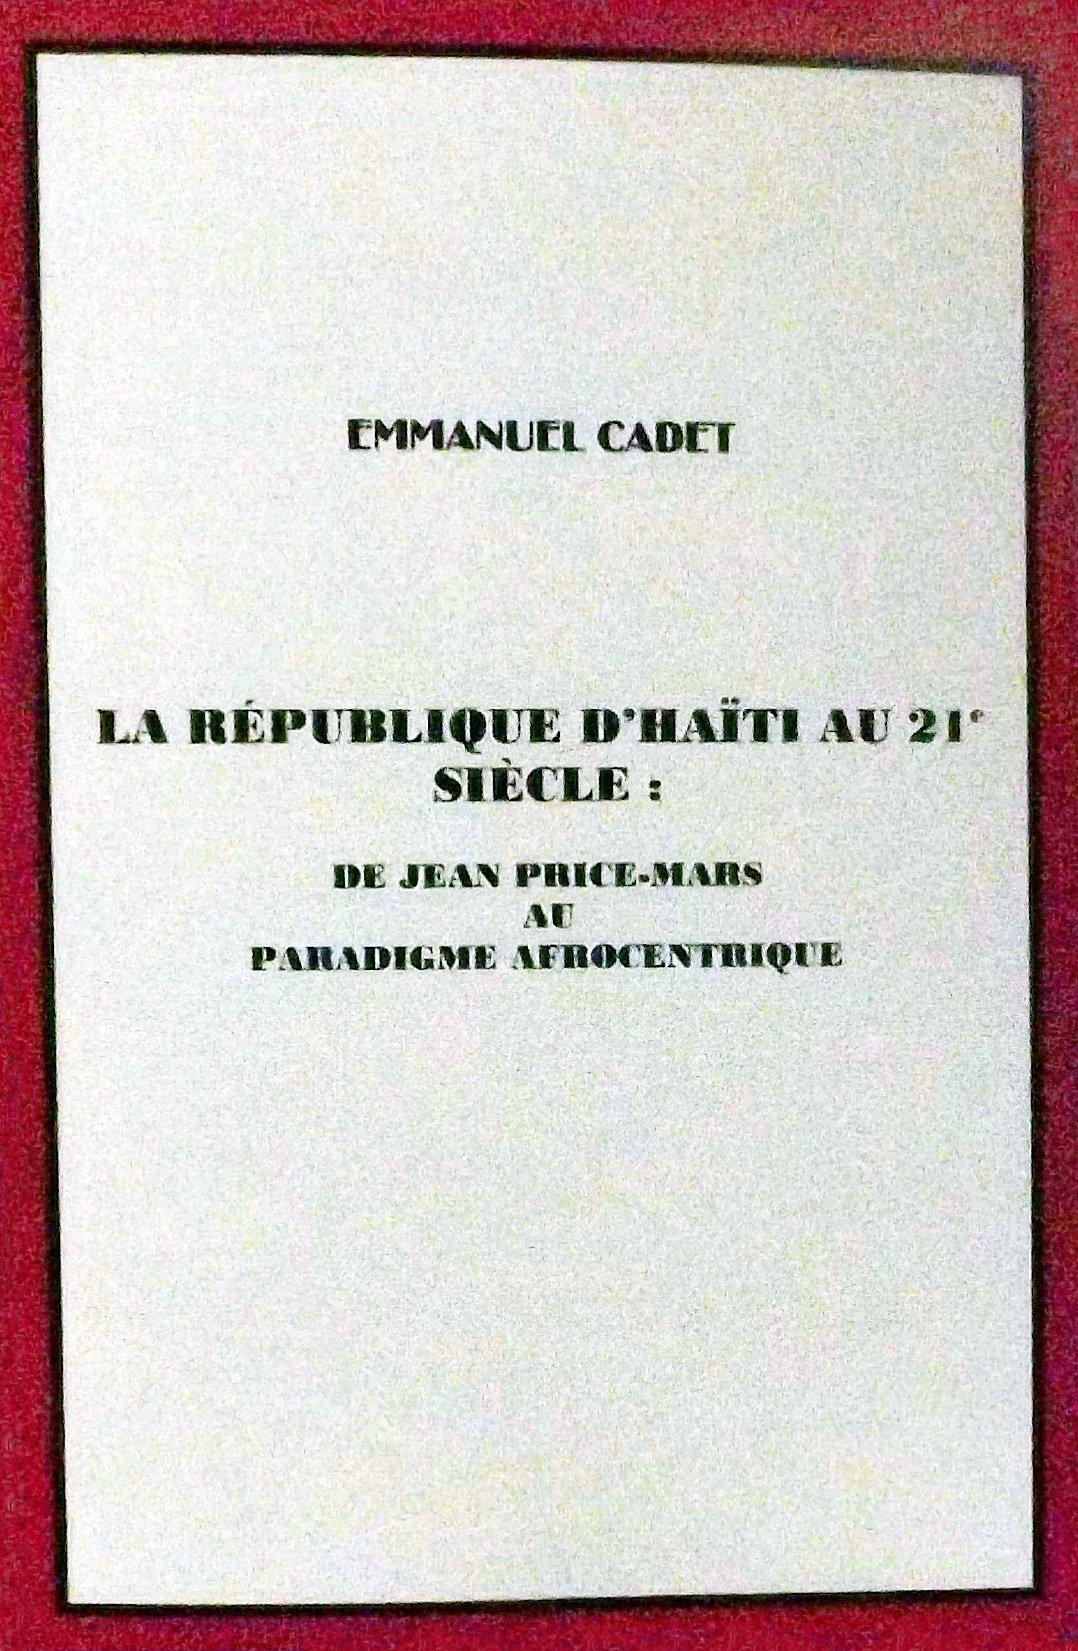 LA RÉPUBLIQUE D'HAÏTI AU 21e SIÈCLE: DE JEAN PRICE-MARS AU PARADIGME AFROCENTRIQUE ePub fb2 book